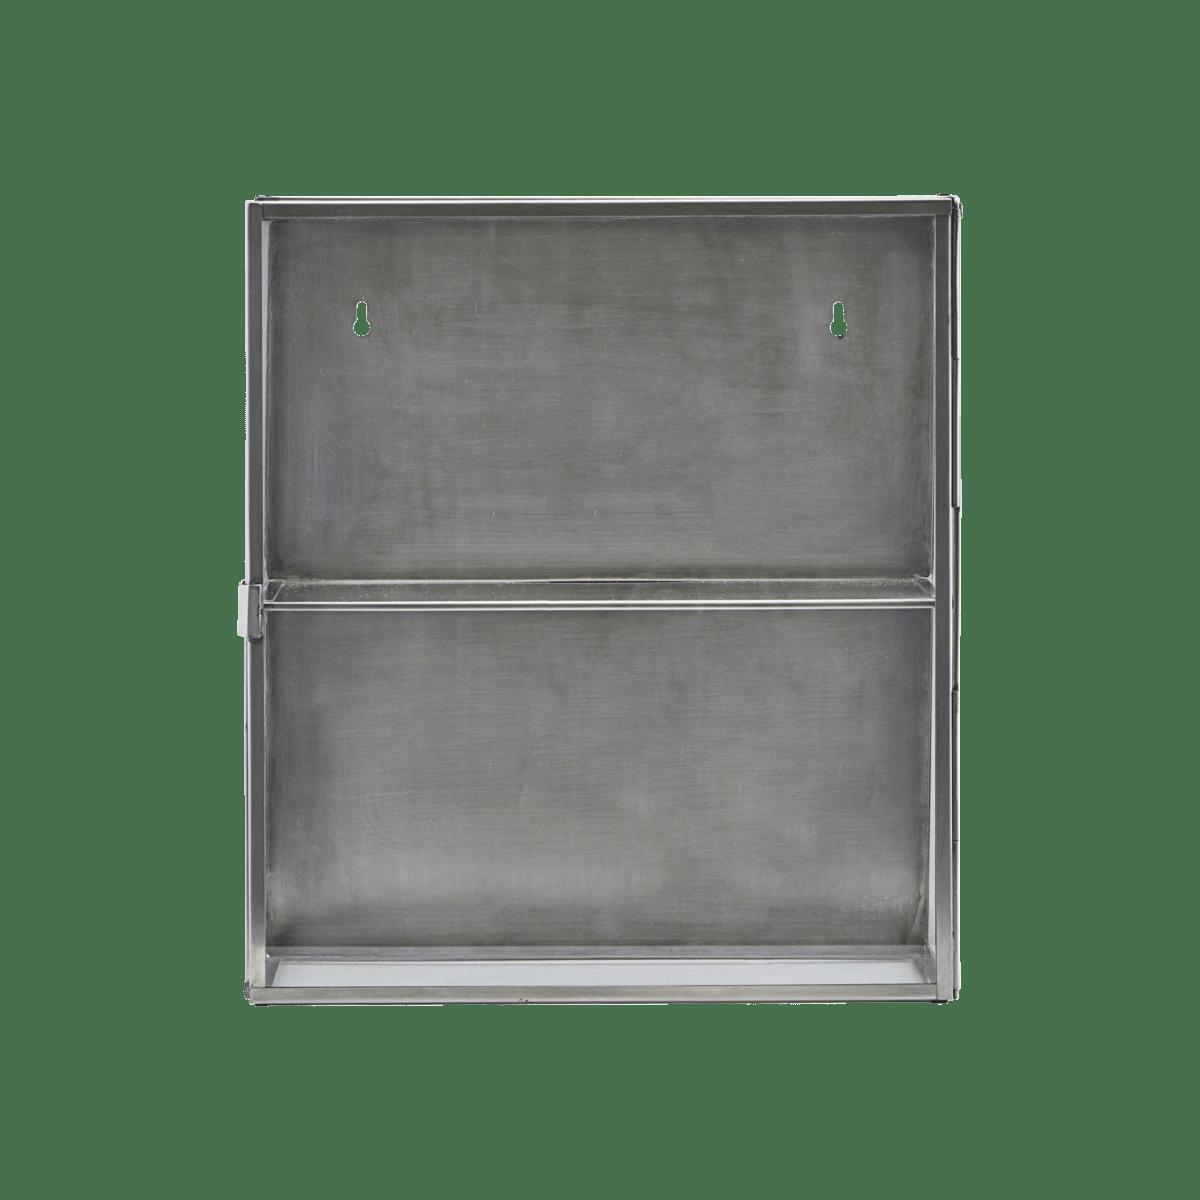 Pozinkovaná nástěnná skříňka Glass 35x15x40 cm